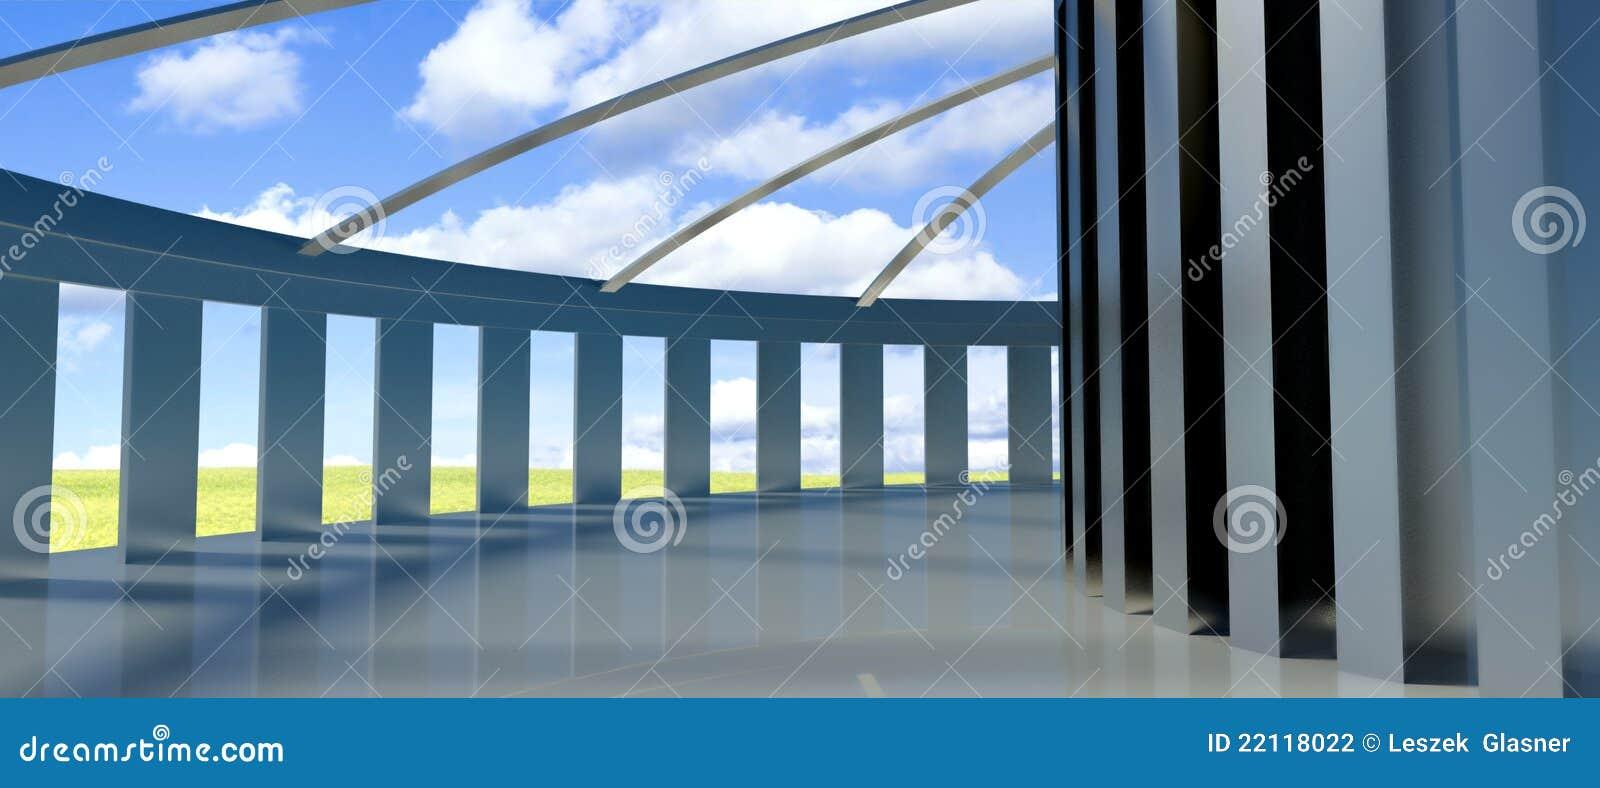 3d architettura futura corridoio con le colonne for Programmi 3d architettura